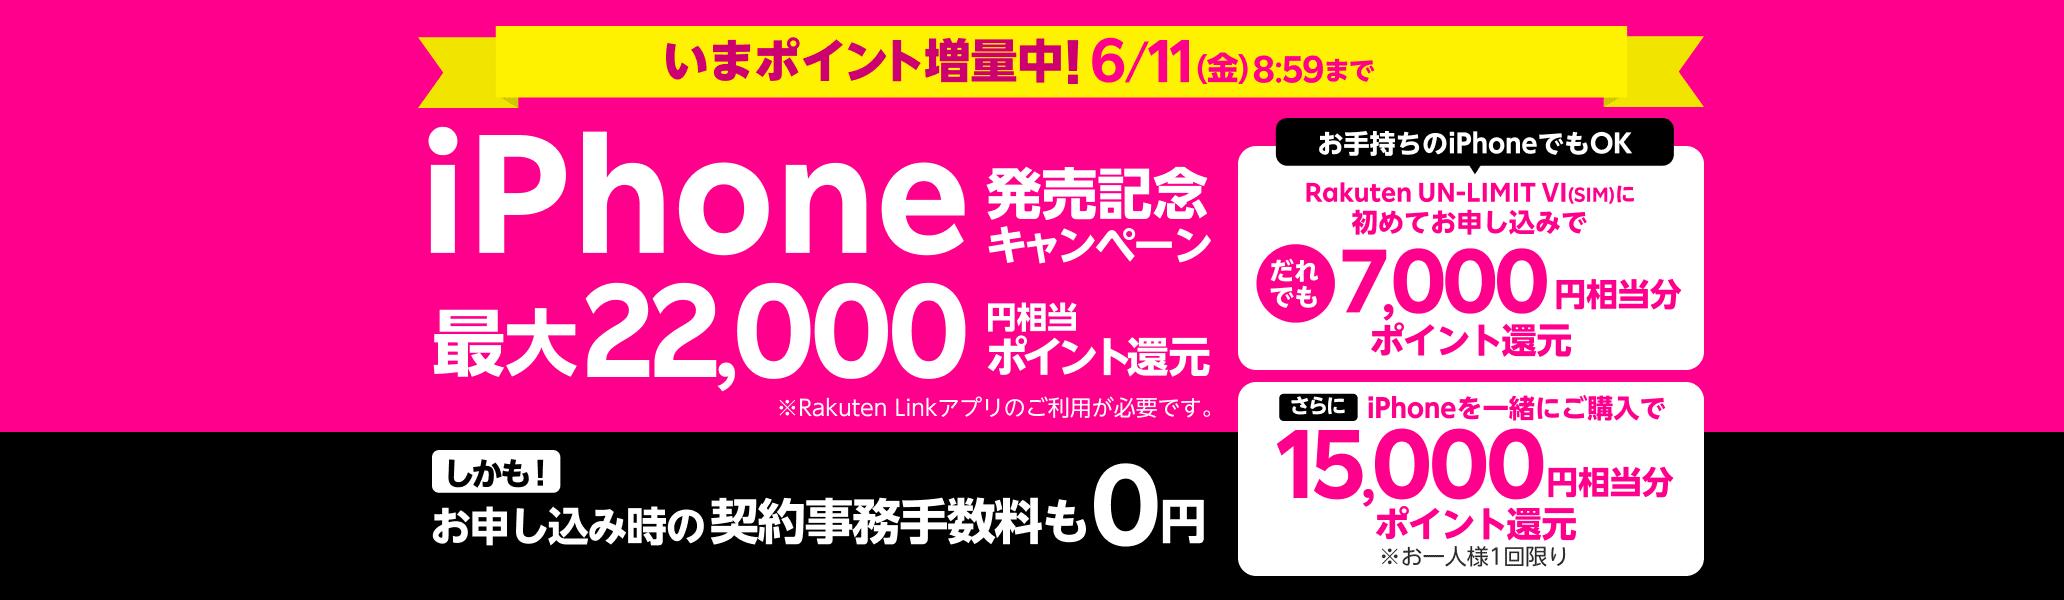 【もう終わりだよ】楽天モバイルでiPhone発売記念キャンペーン。最大22000ポイントバック。~6/11 9時。